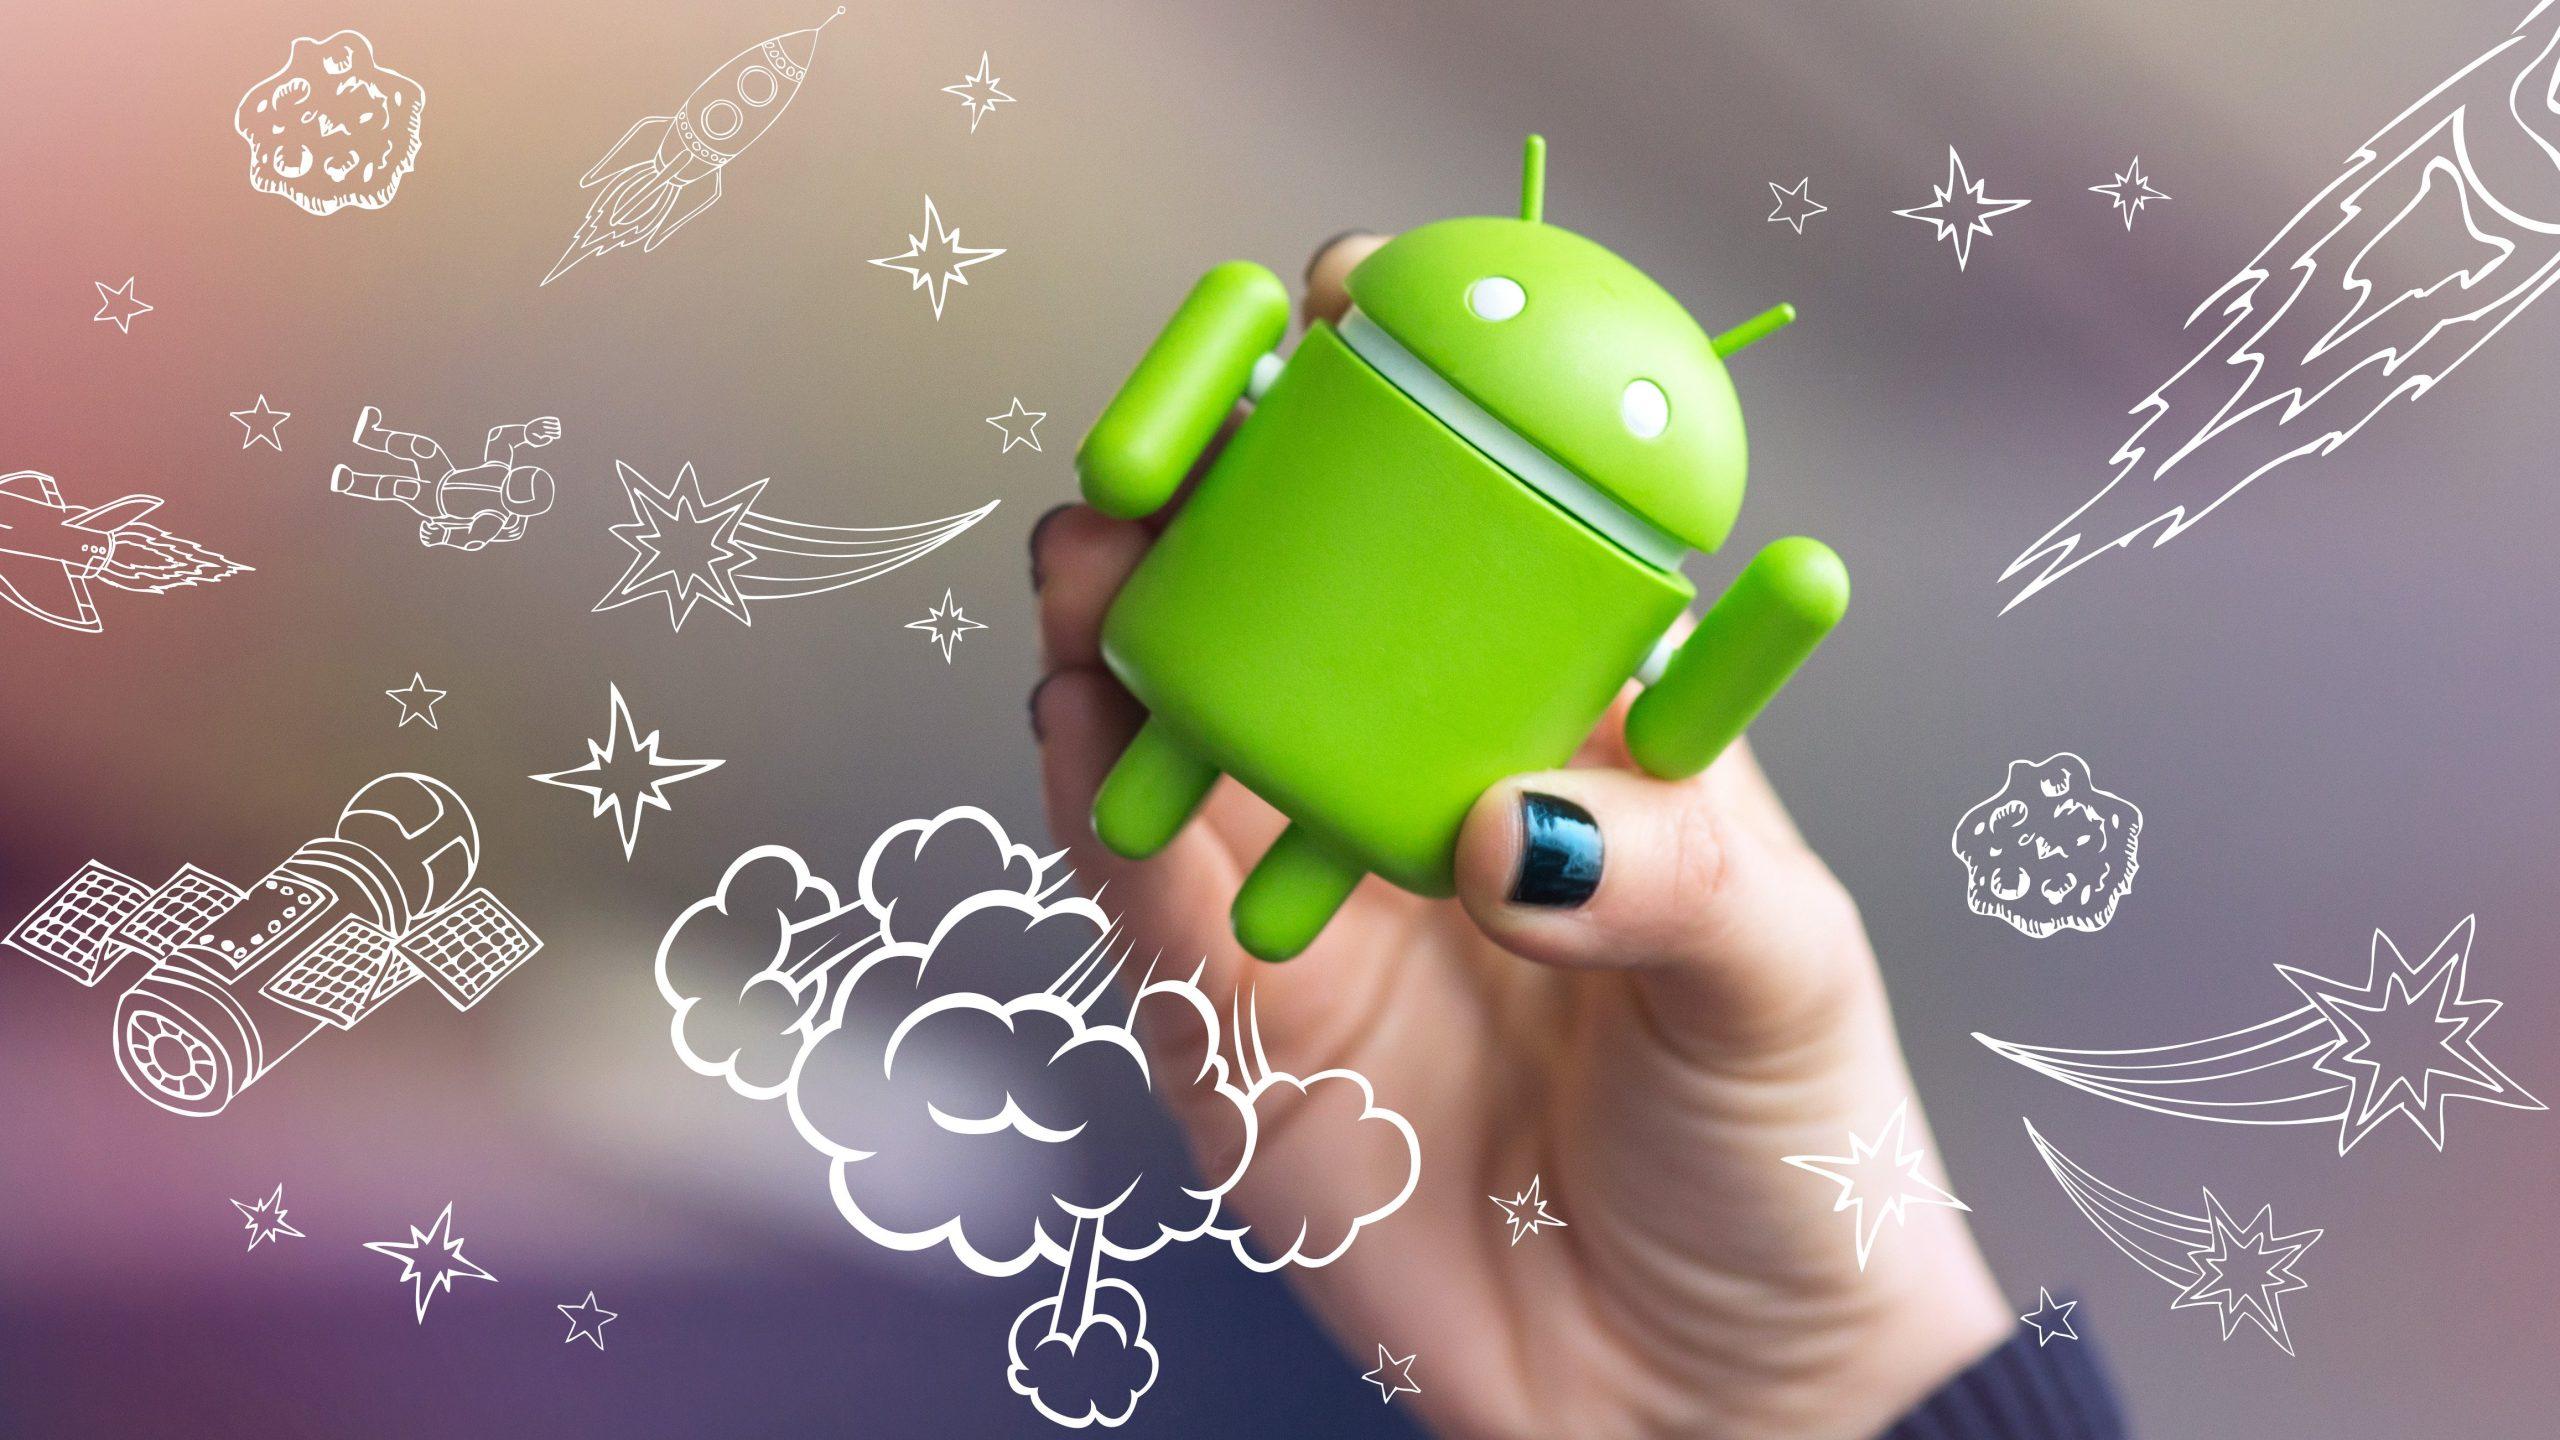 هل هاتفك الذكي بطيء؟  تعرّف على كيفية تحرير المساحة والذاكرة باستخدام التطبيقات